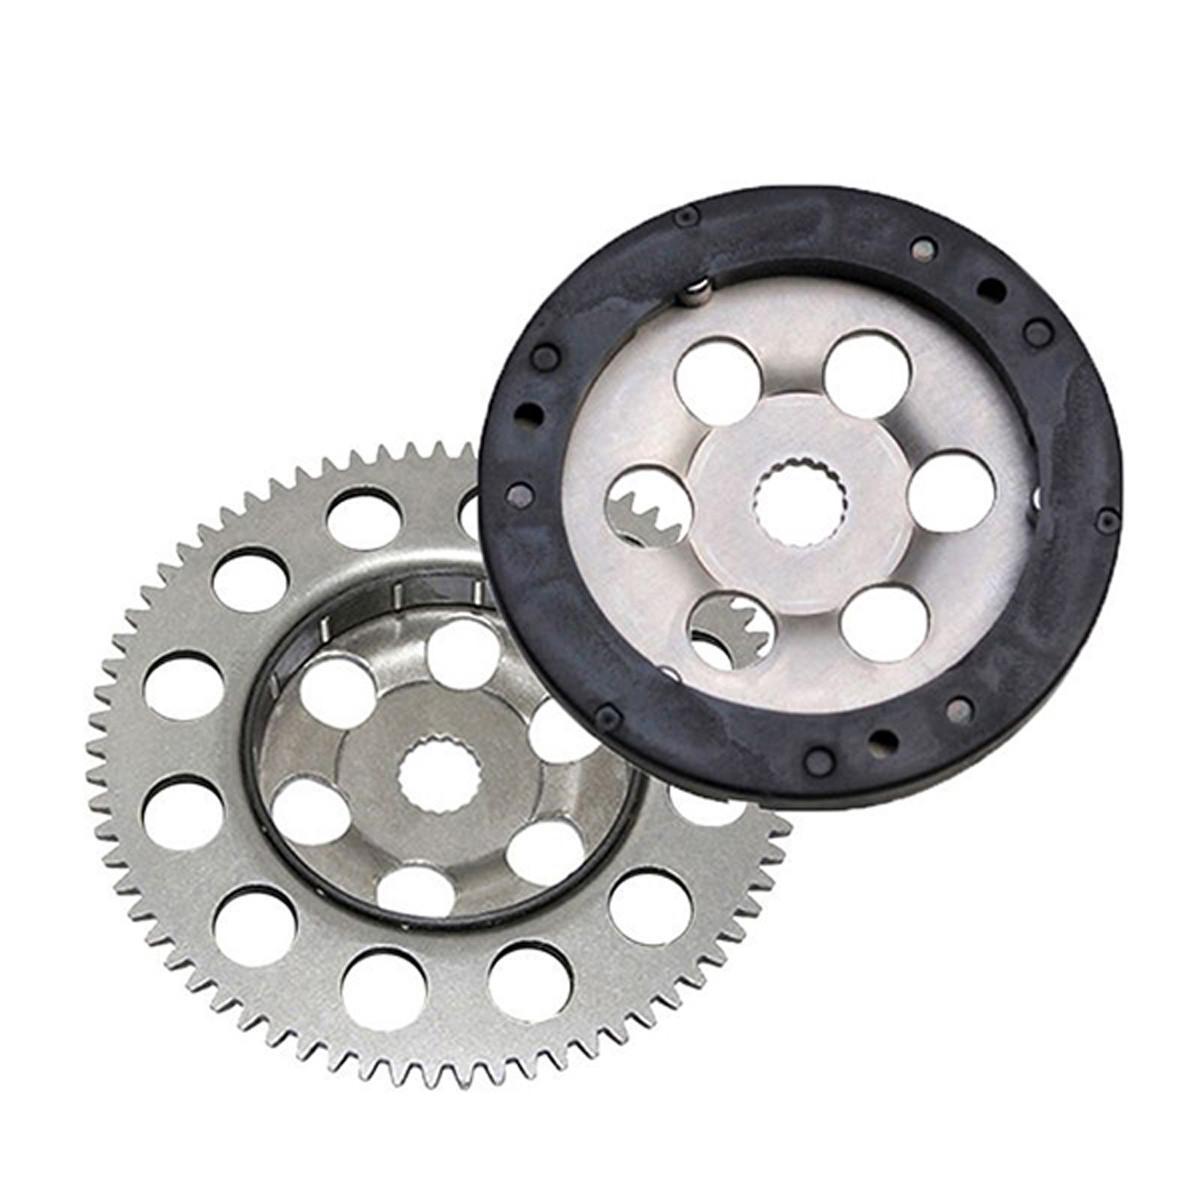 Pack Couronne + roue libre de Démarreur MBK Booster Nitro Yamaha BW'S Aerox - Type Origine